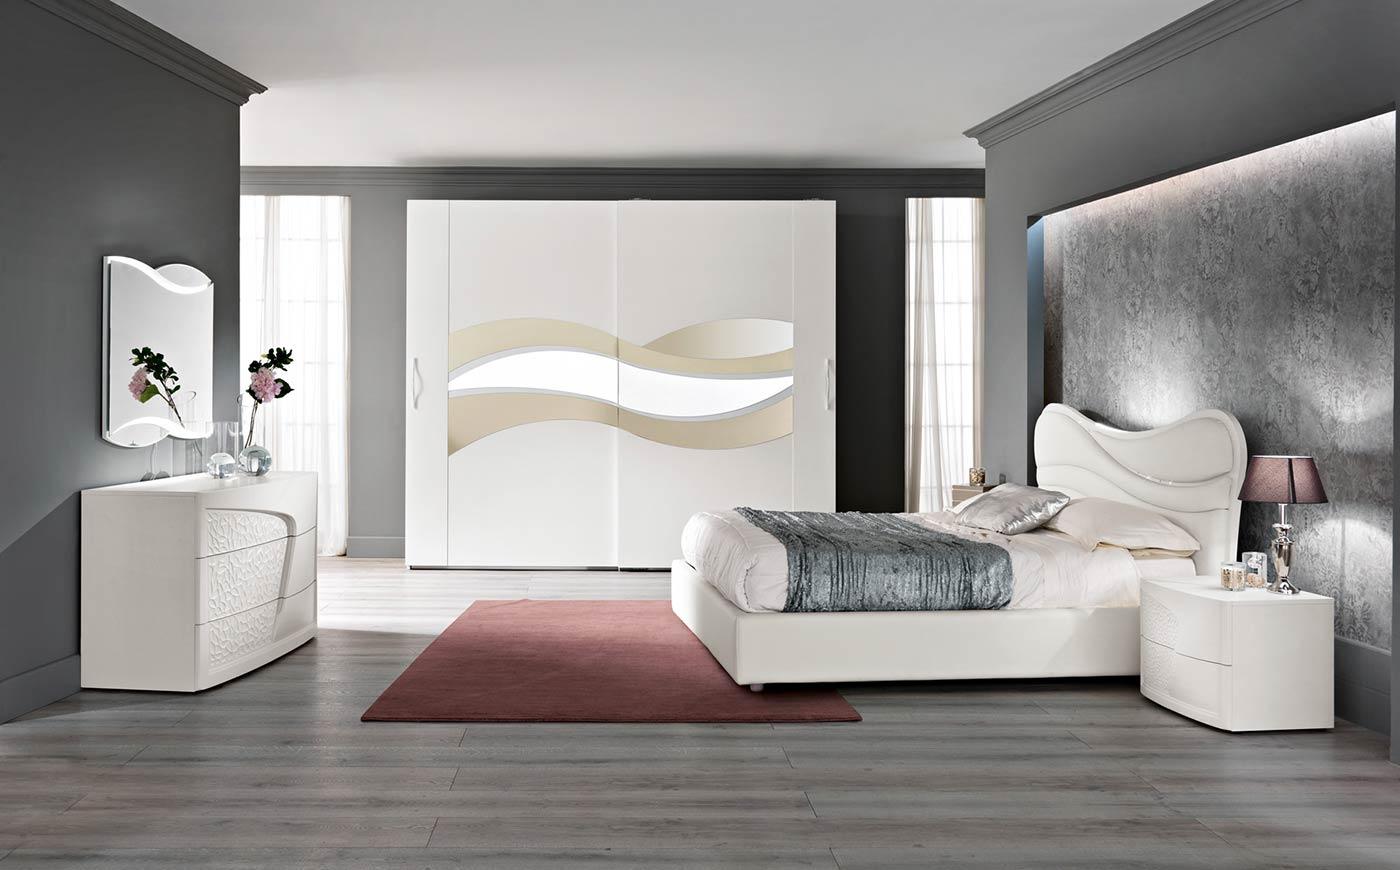 Arredamento camera da letto modello prestige spar for Mobili arredo camera